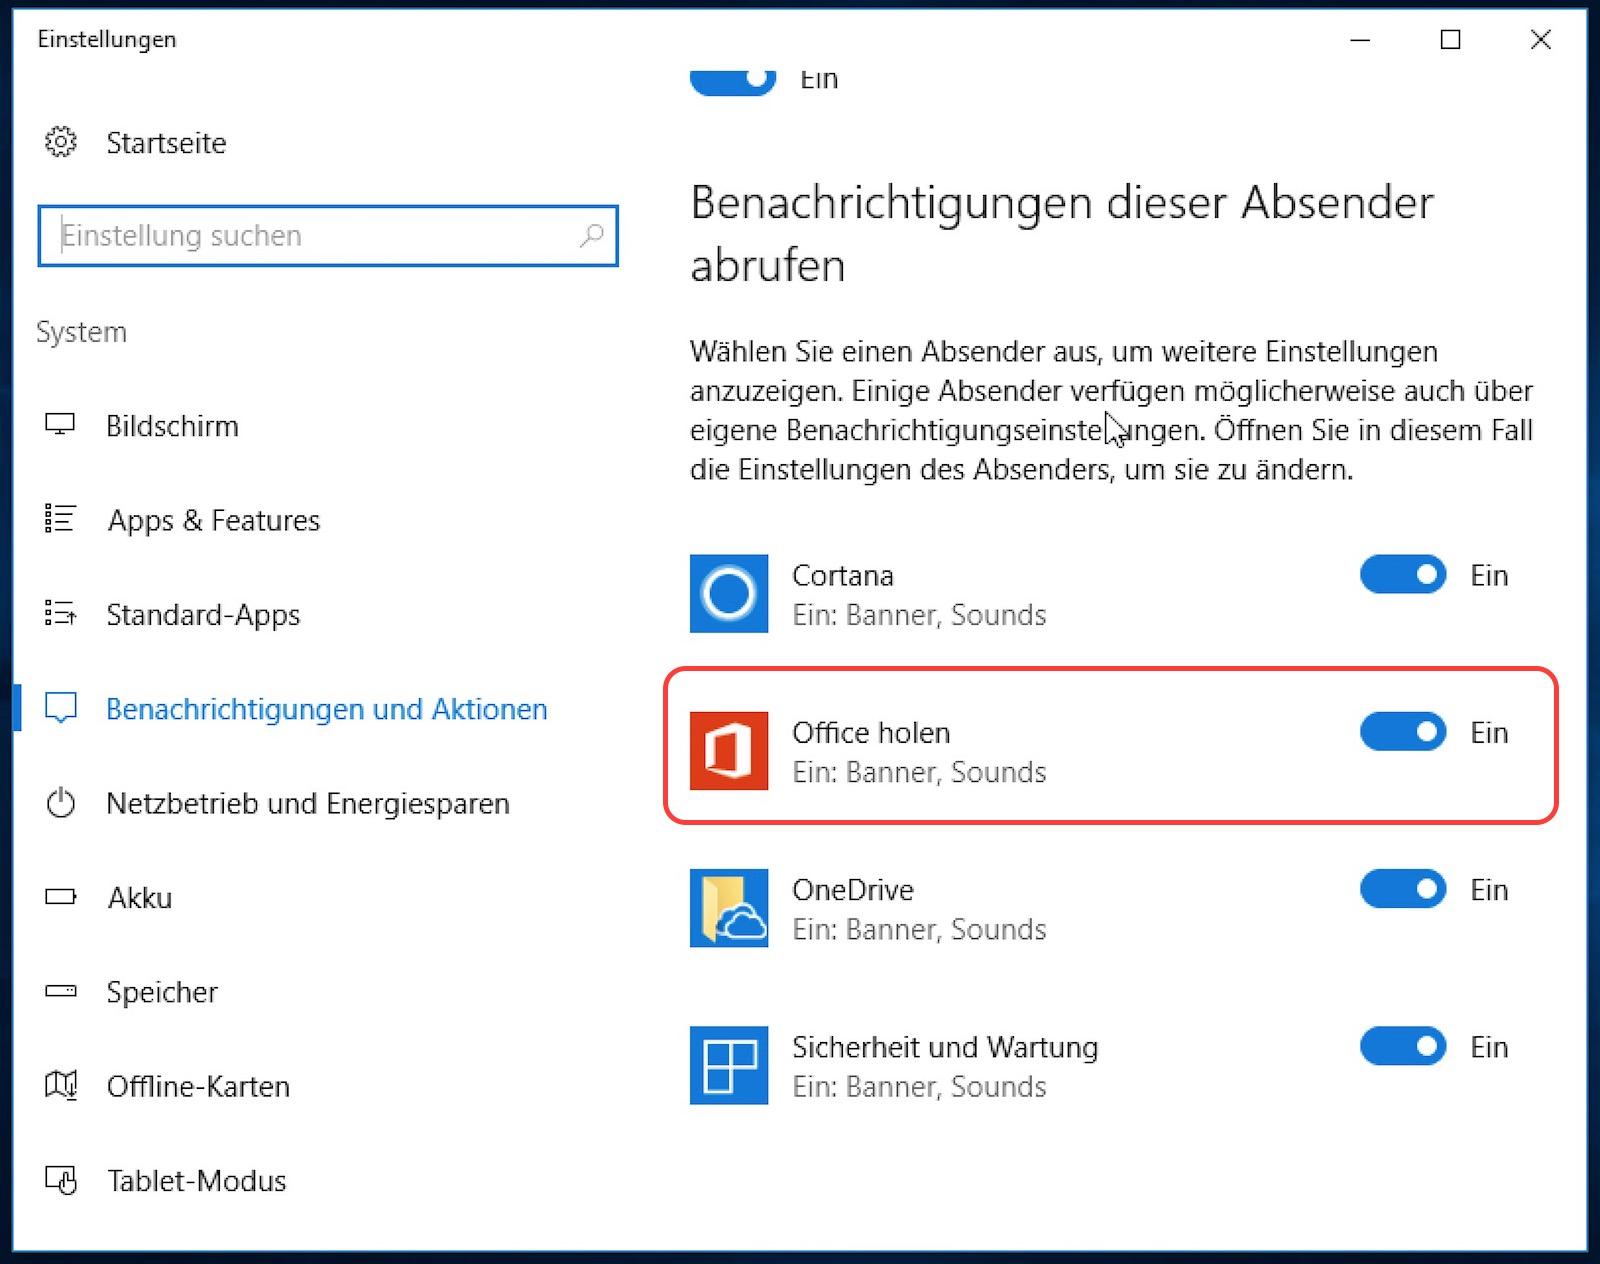 Windows 10 Benachrichtigungen ausschalten